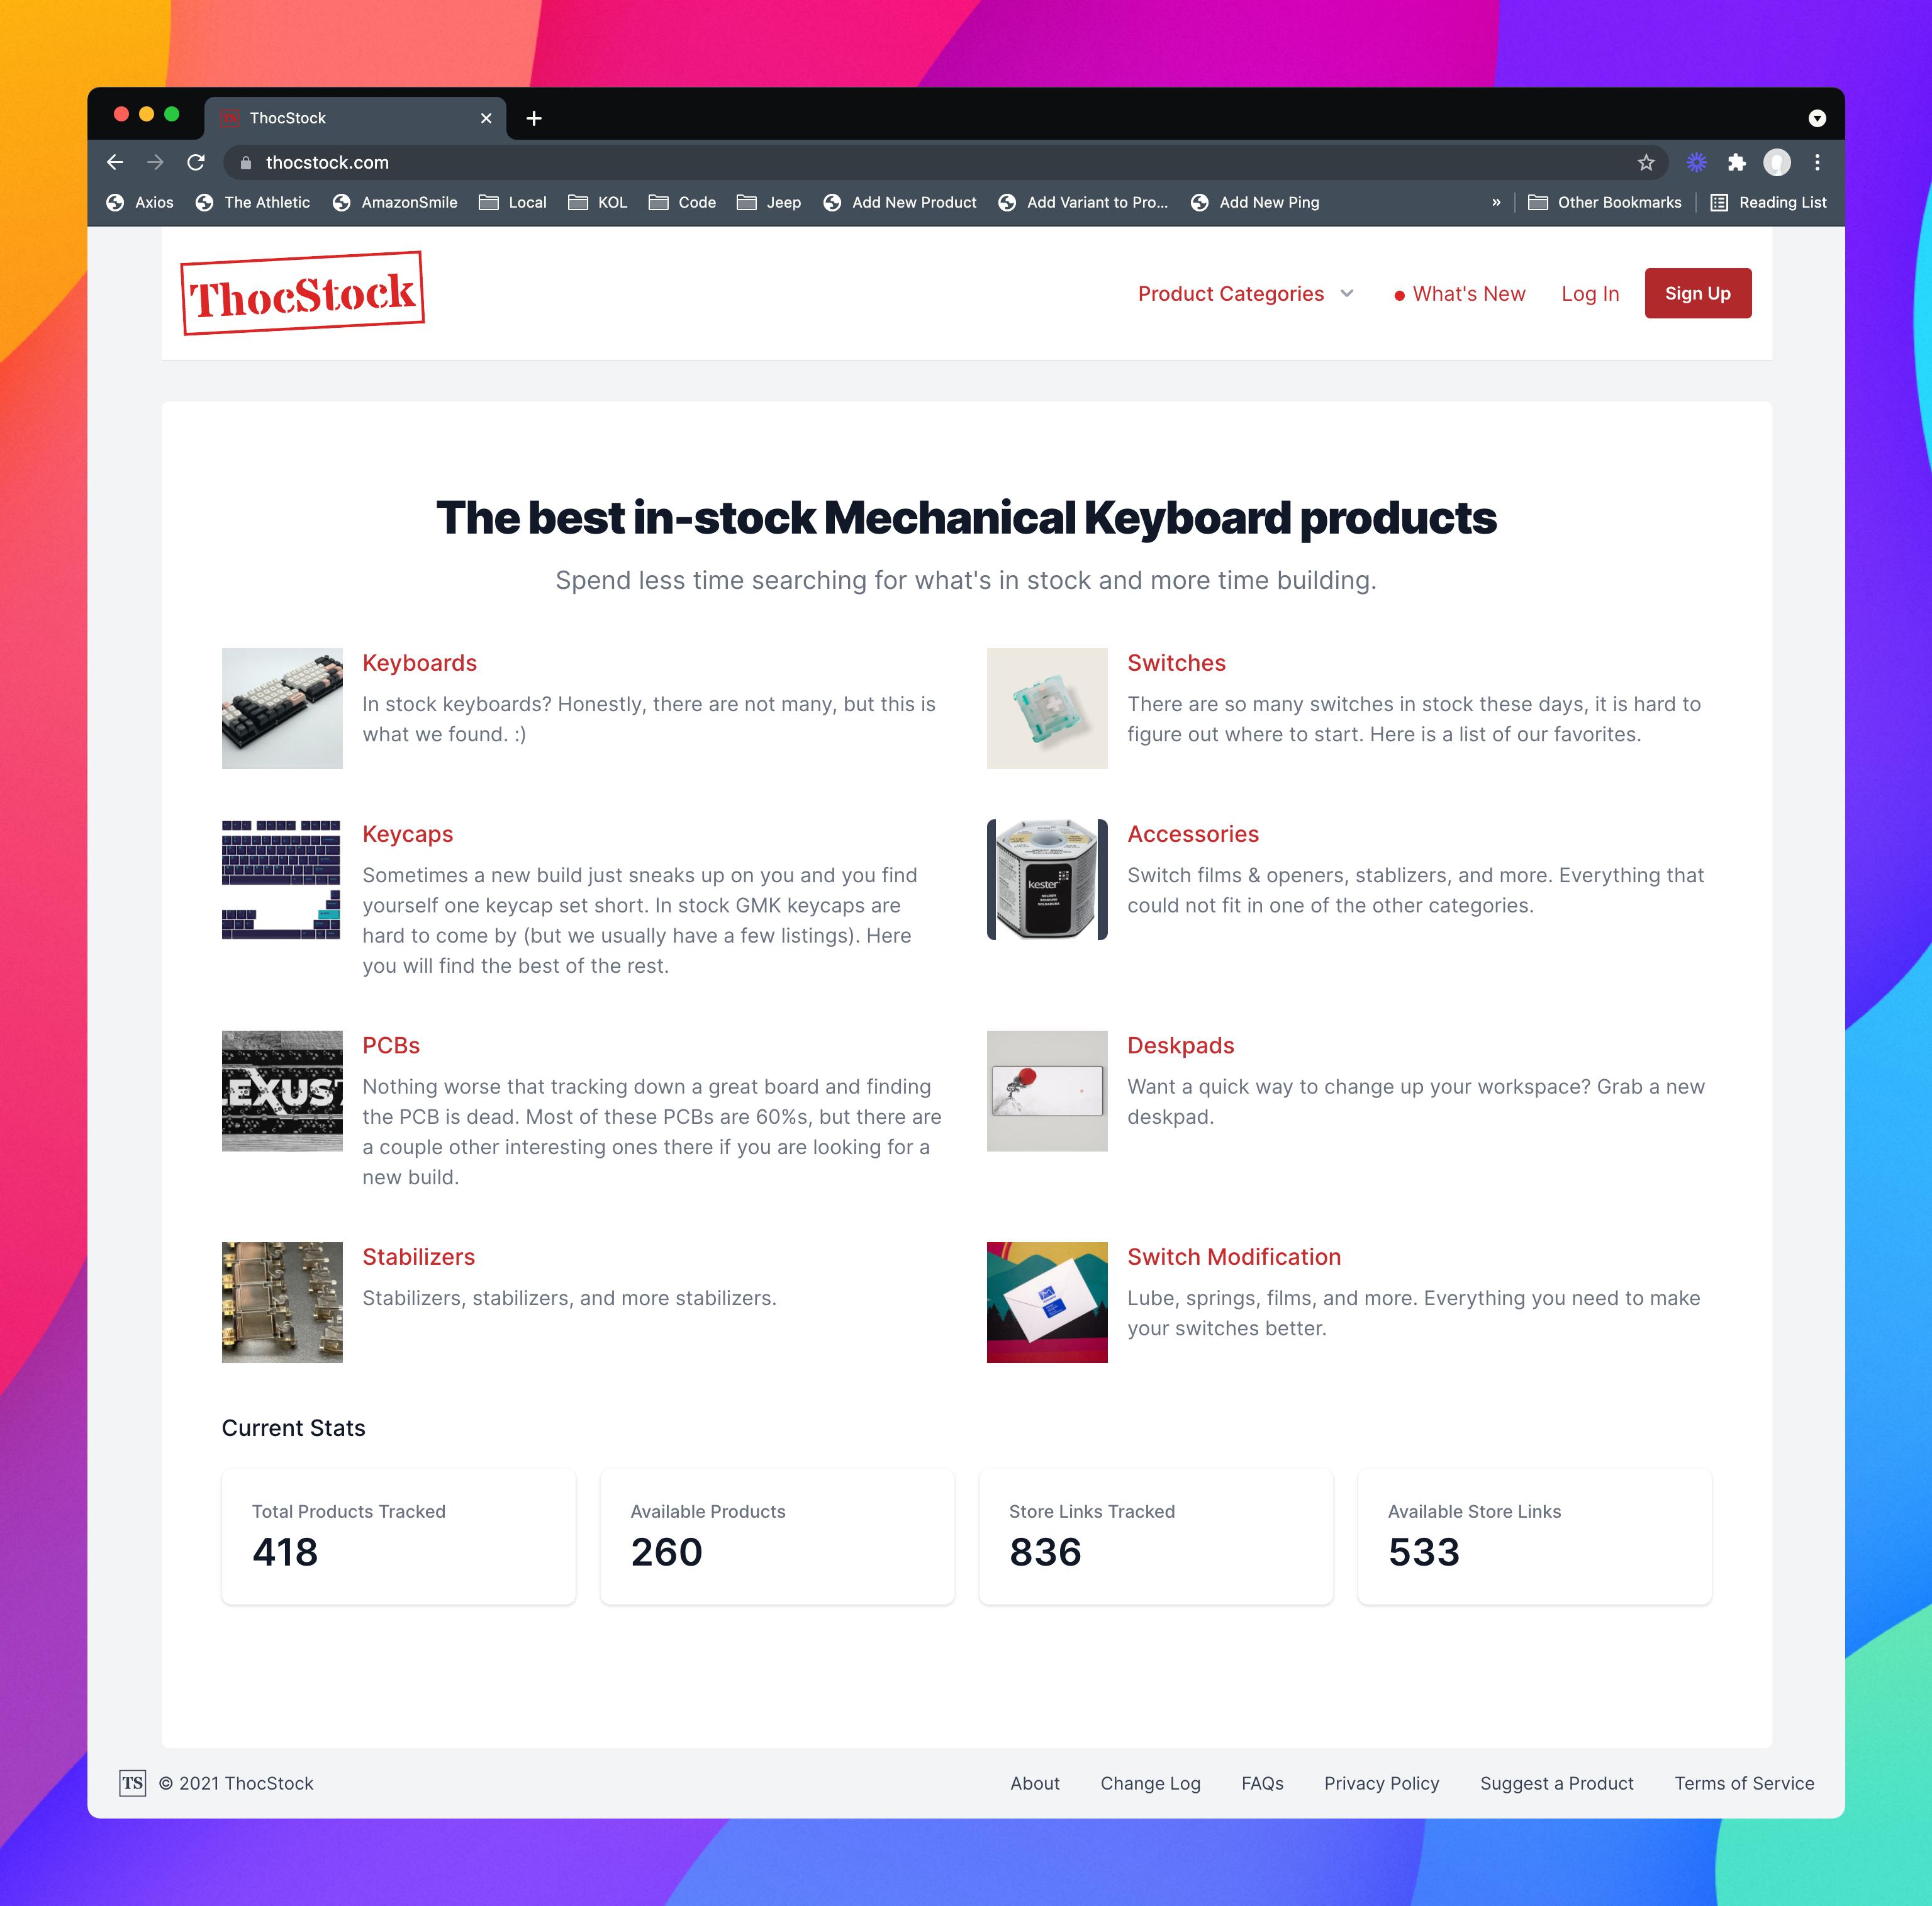 ThocStock.com